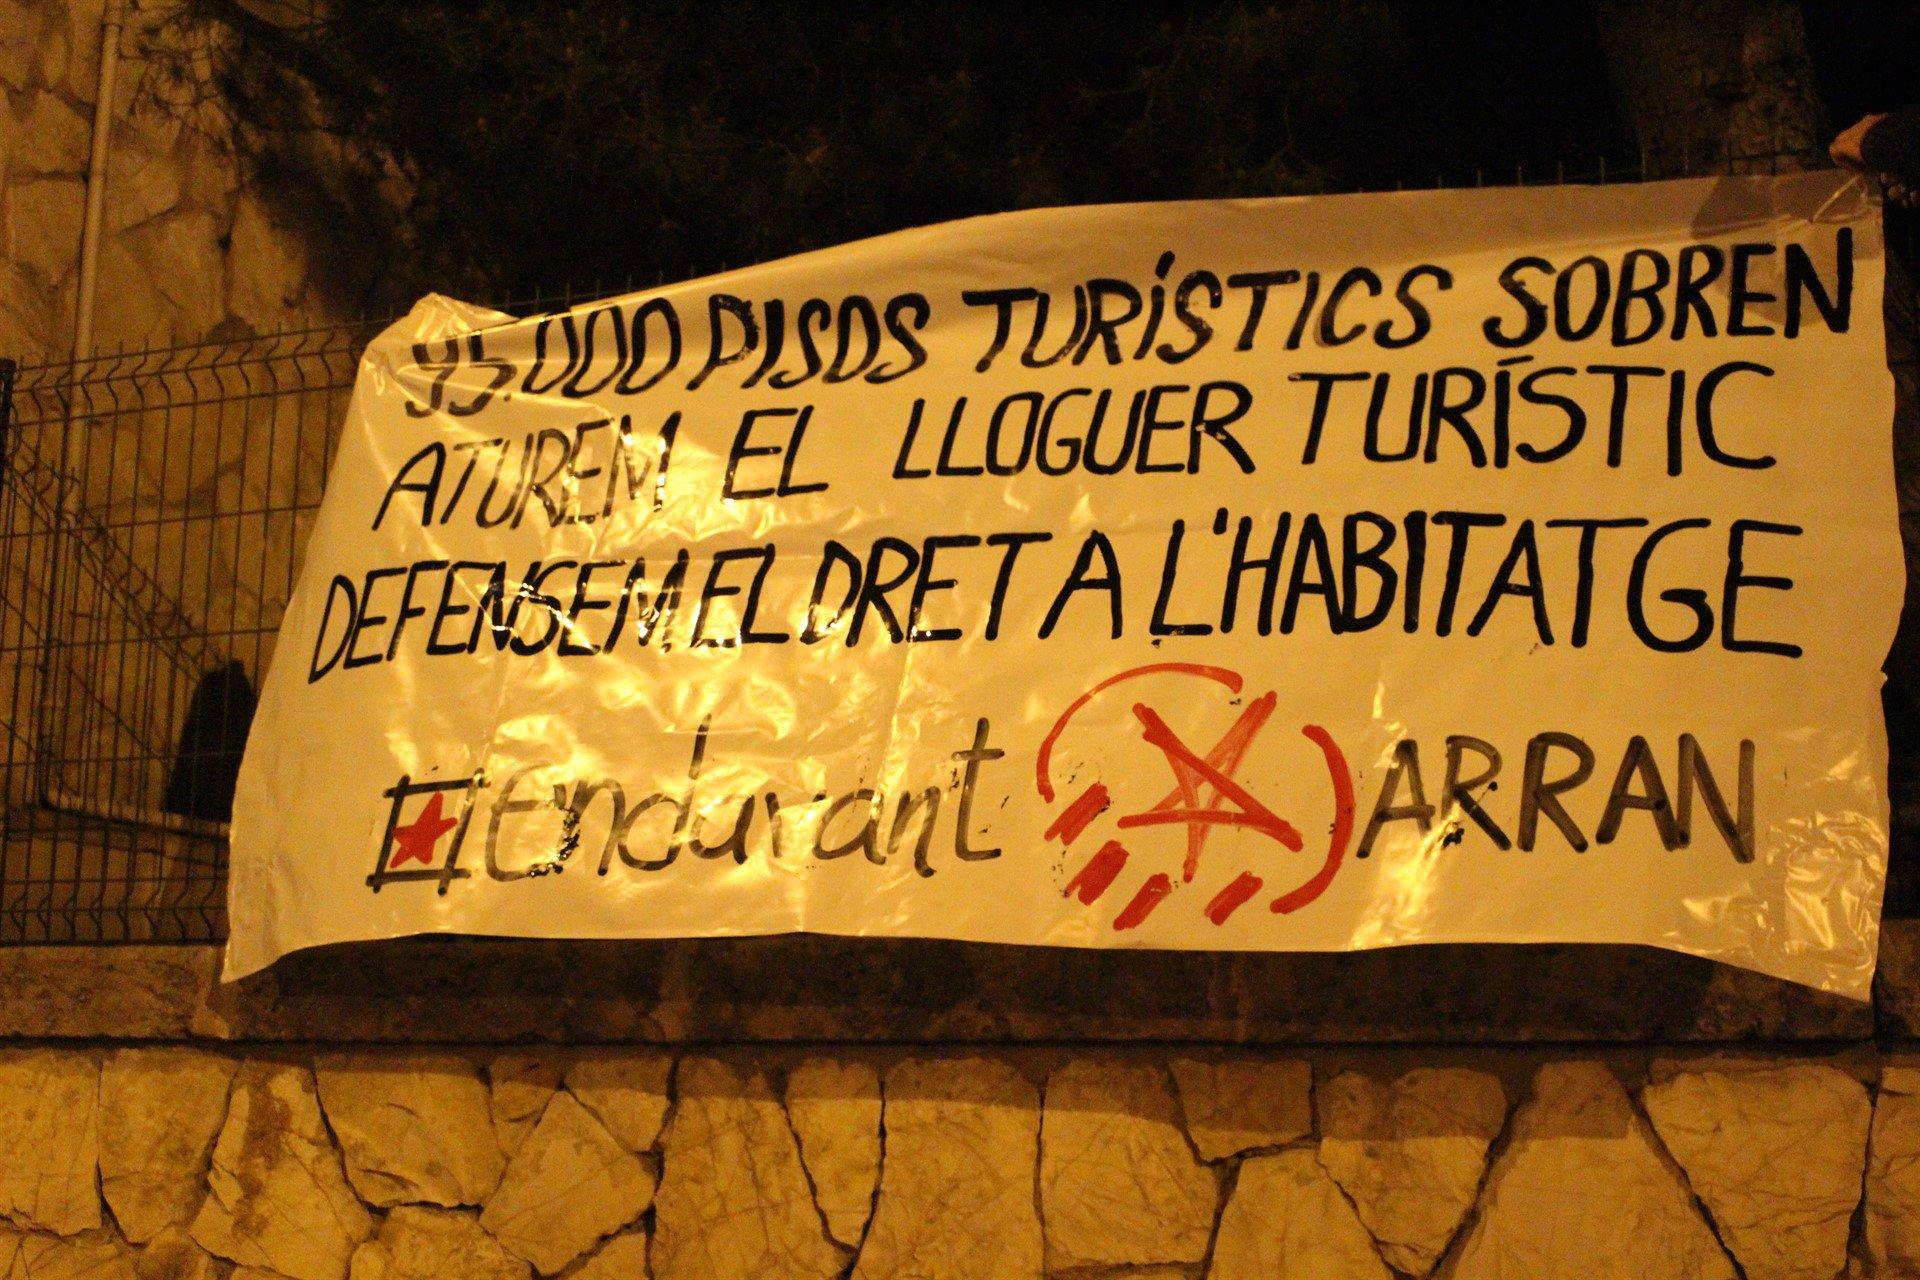 Arran anuncia nuevas acciones este verano contra el modelo turístico 'insostenible' de los 'Països Catalans'